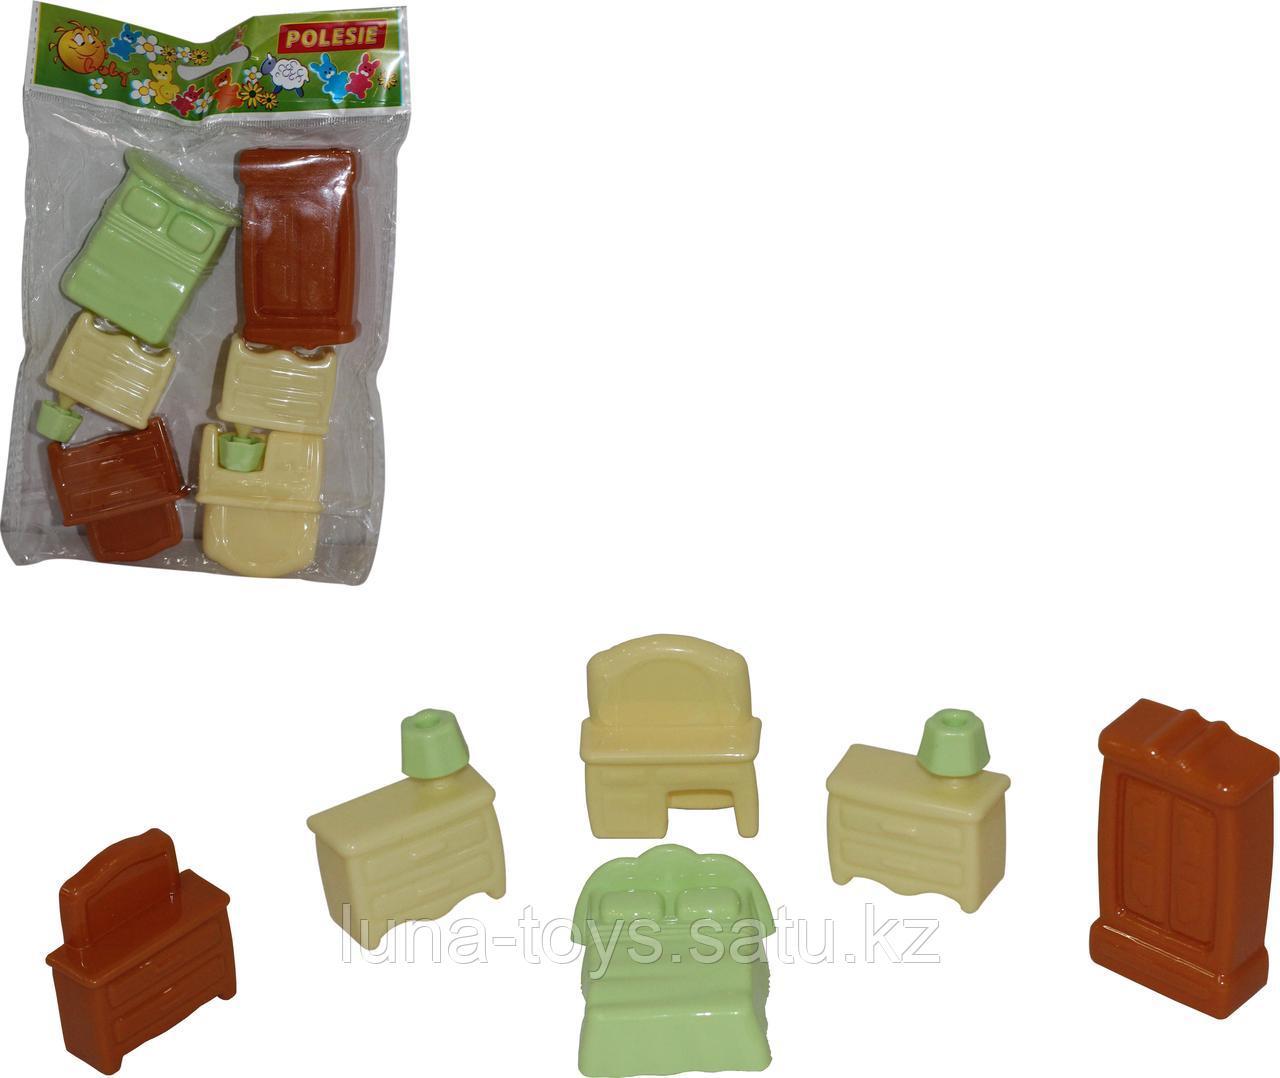 Набор мебели для кукол №1 (6 элементов в пакете)